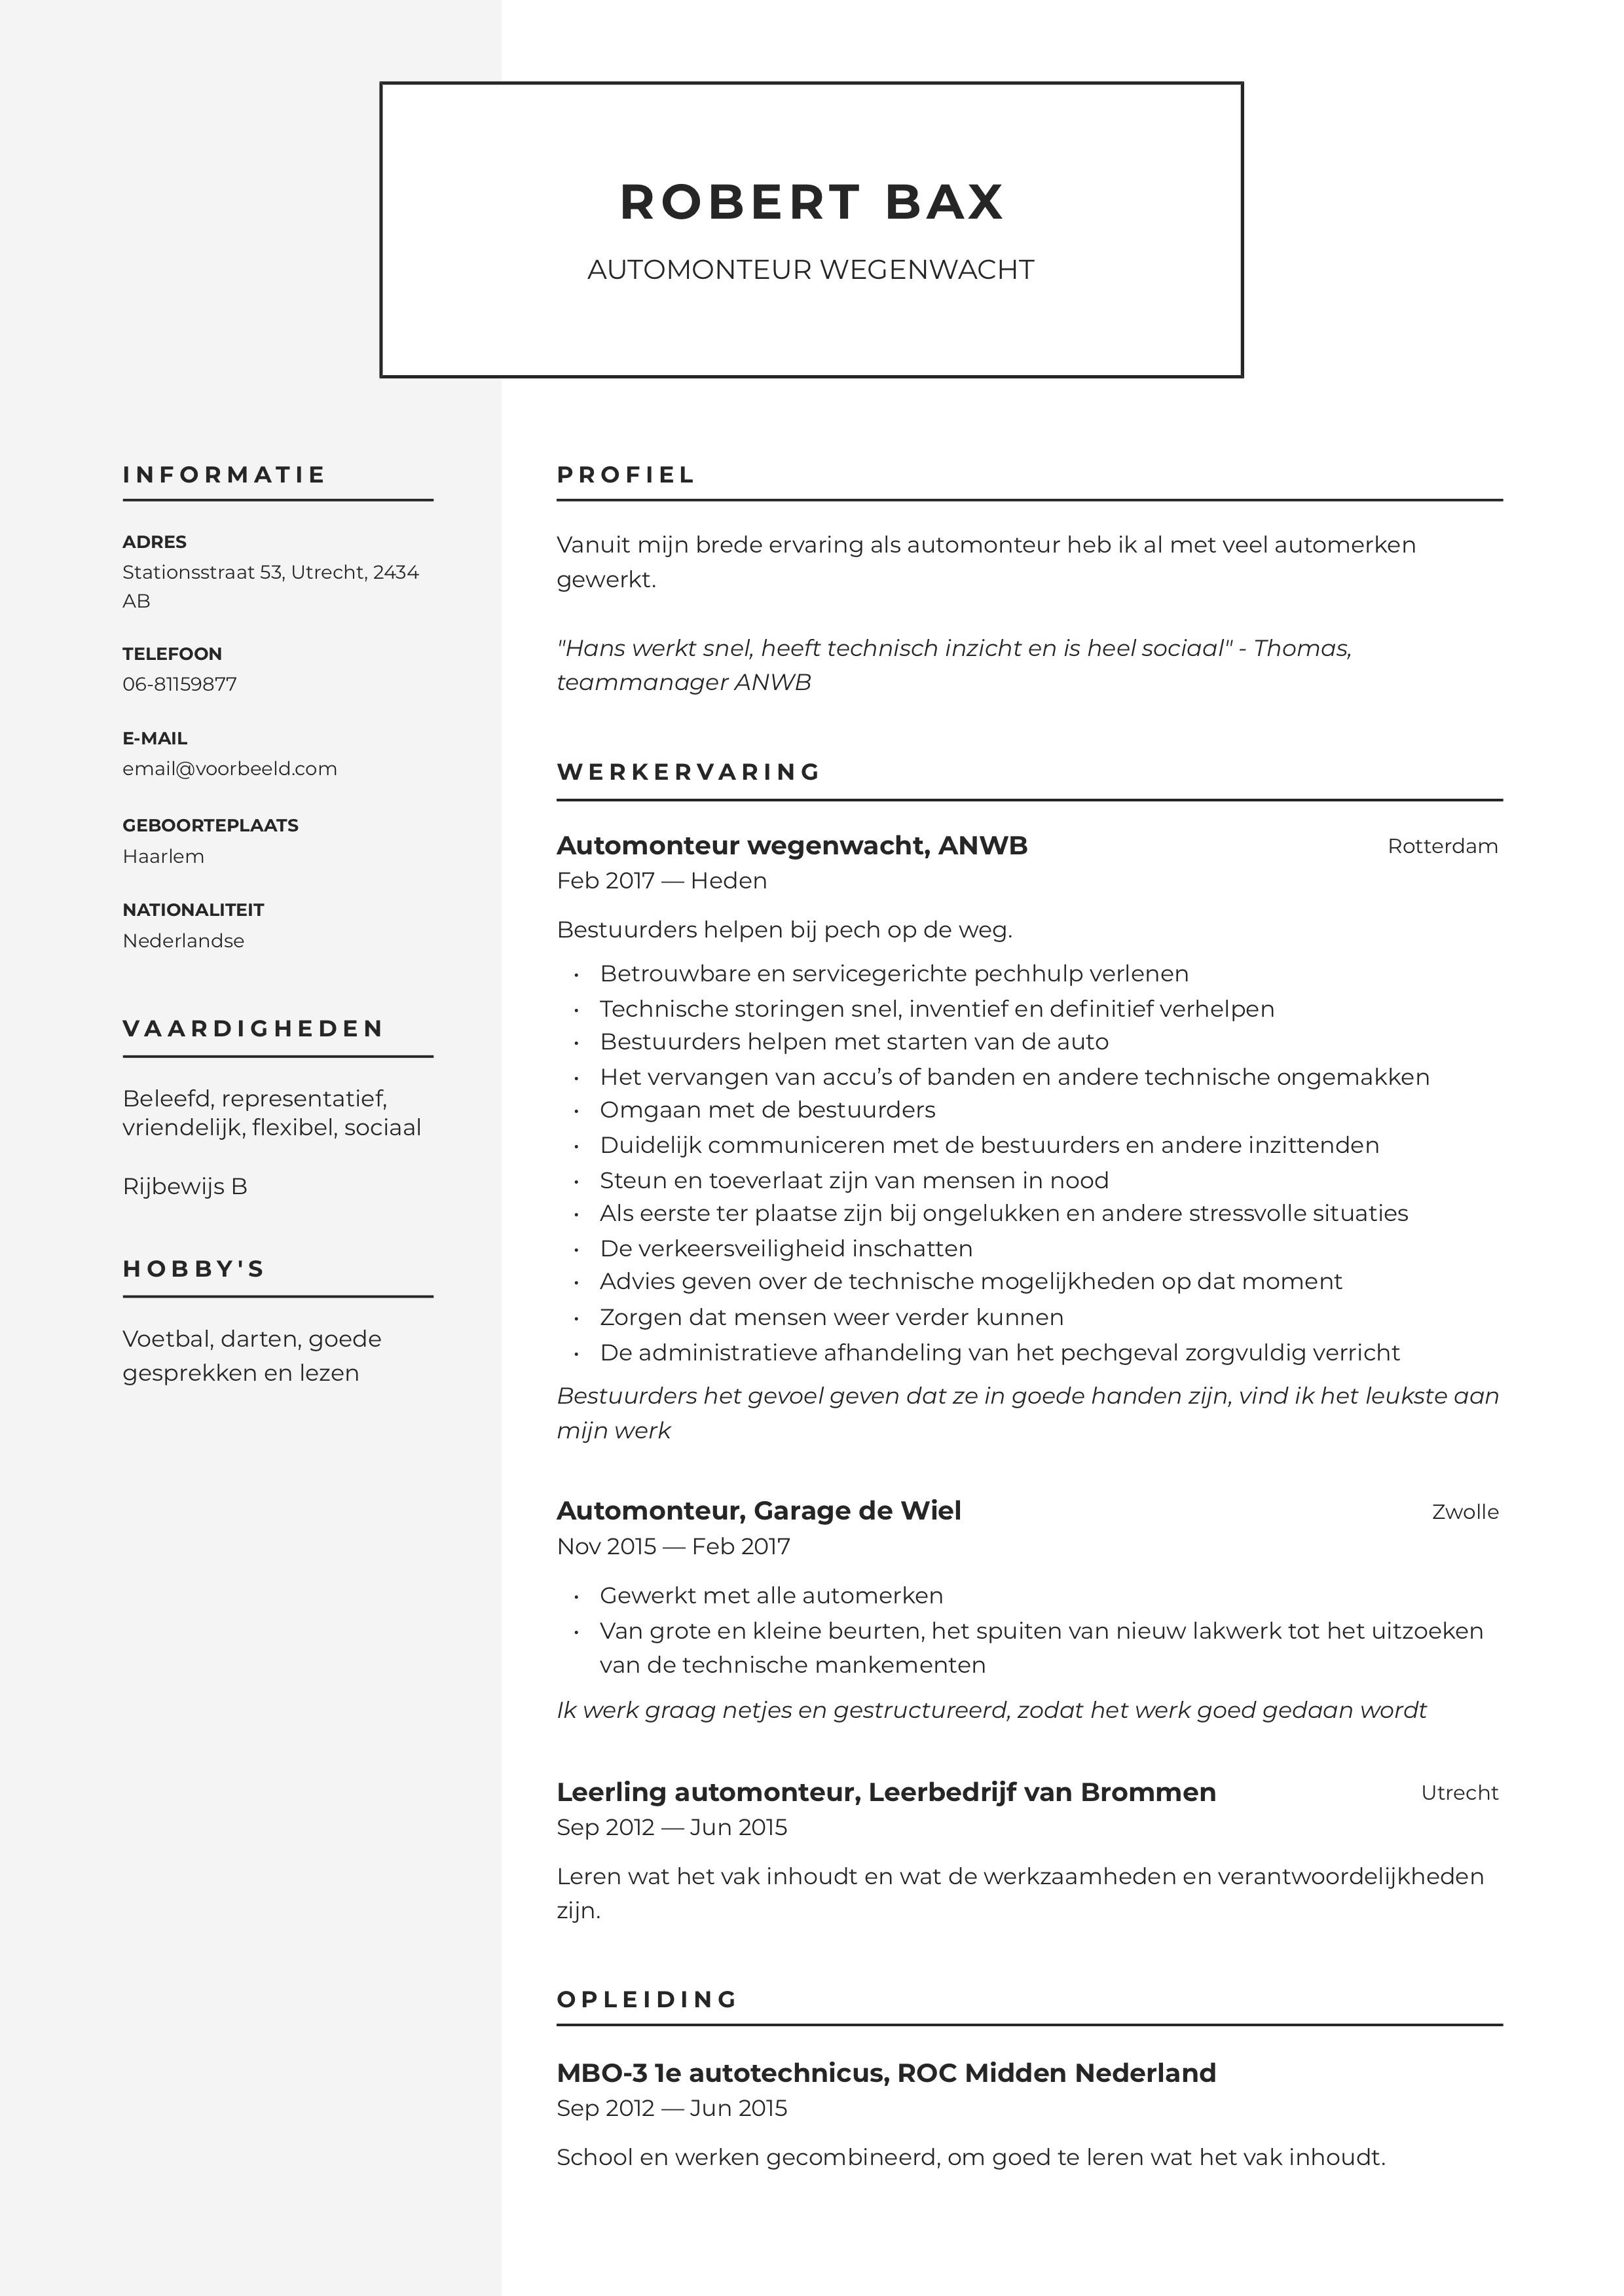 CV Automonteur wegenwacht